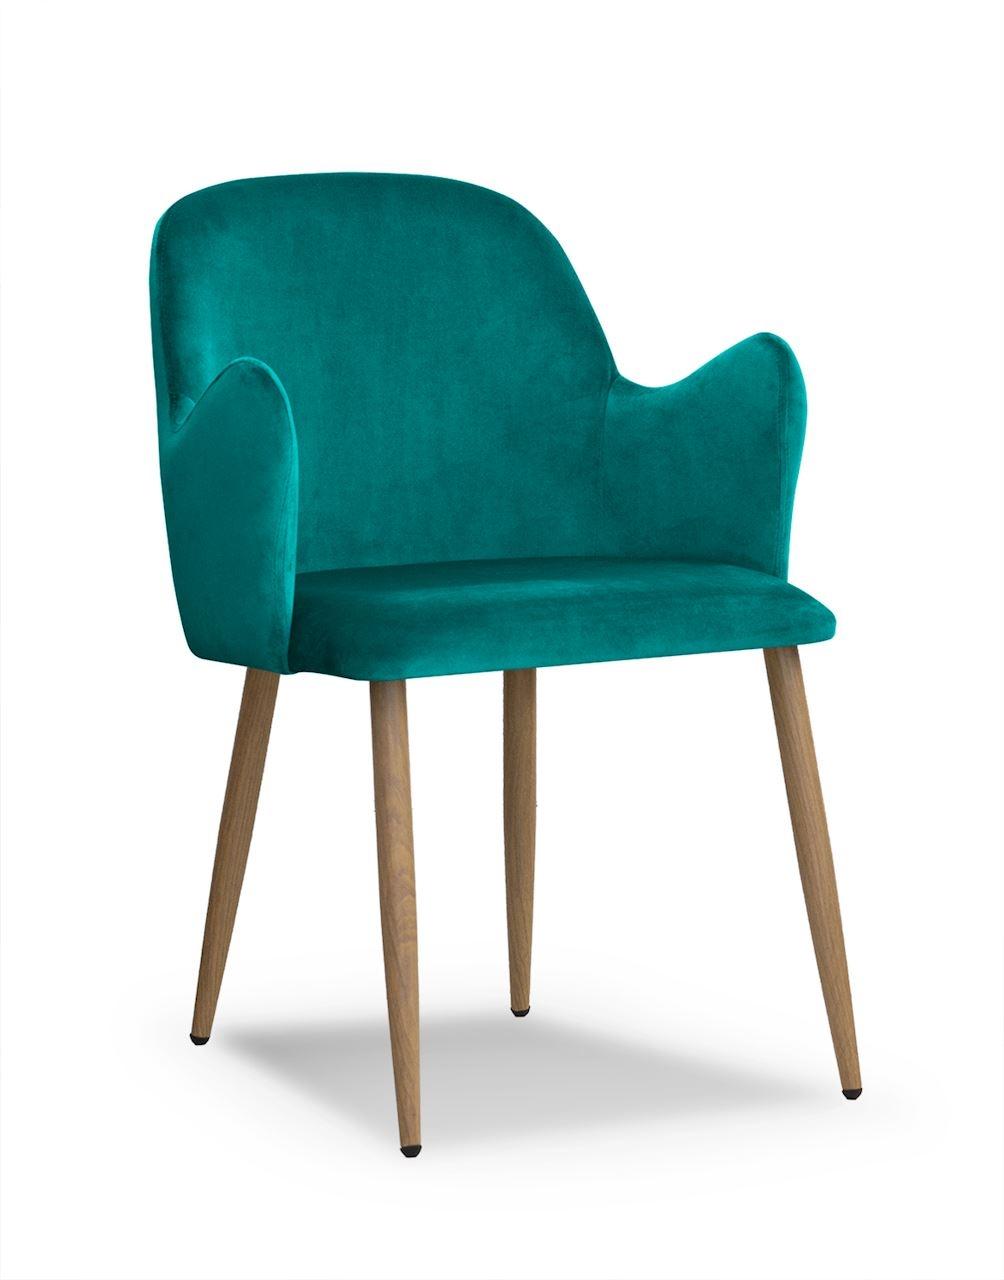 Scaun tapitat cu stofa, cu picioare metalice Camel Turquoise / Oak, l58xA63xH84 cm